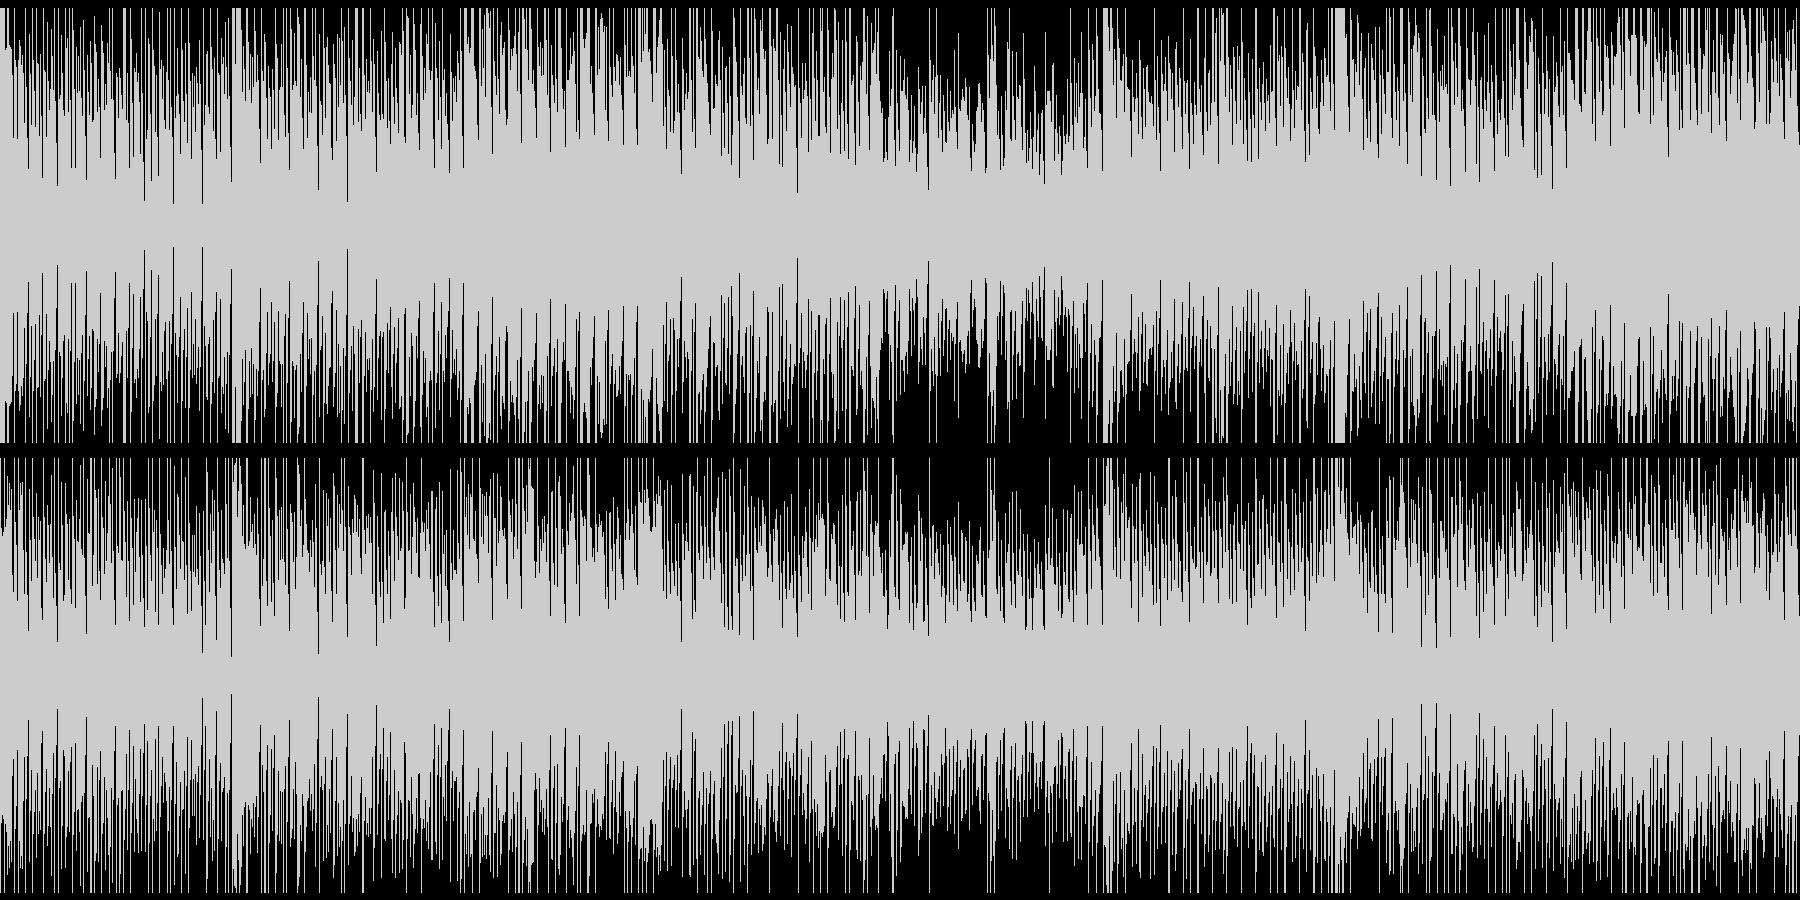 オープニング、トークの背景用(ループ)の未再生の波形